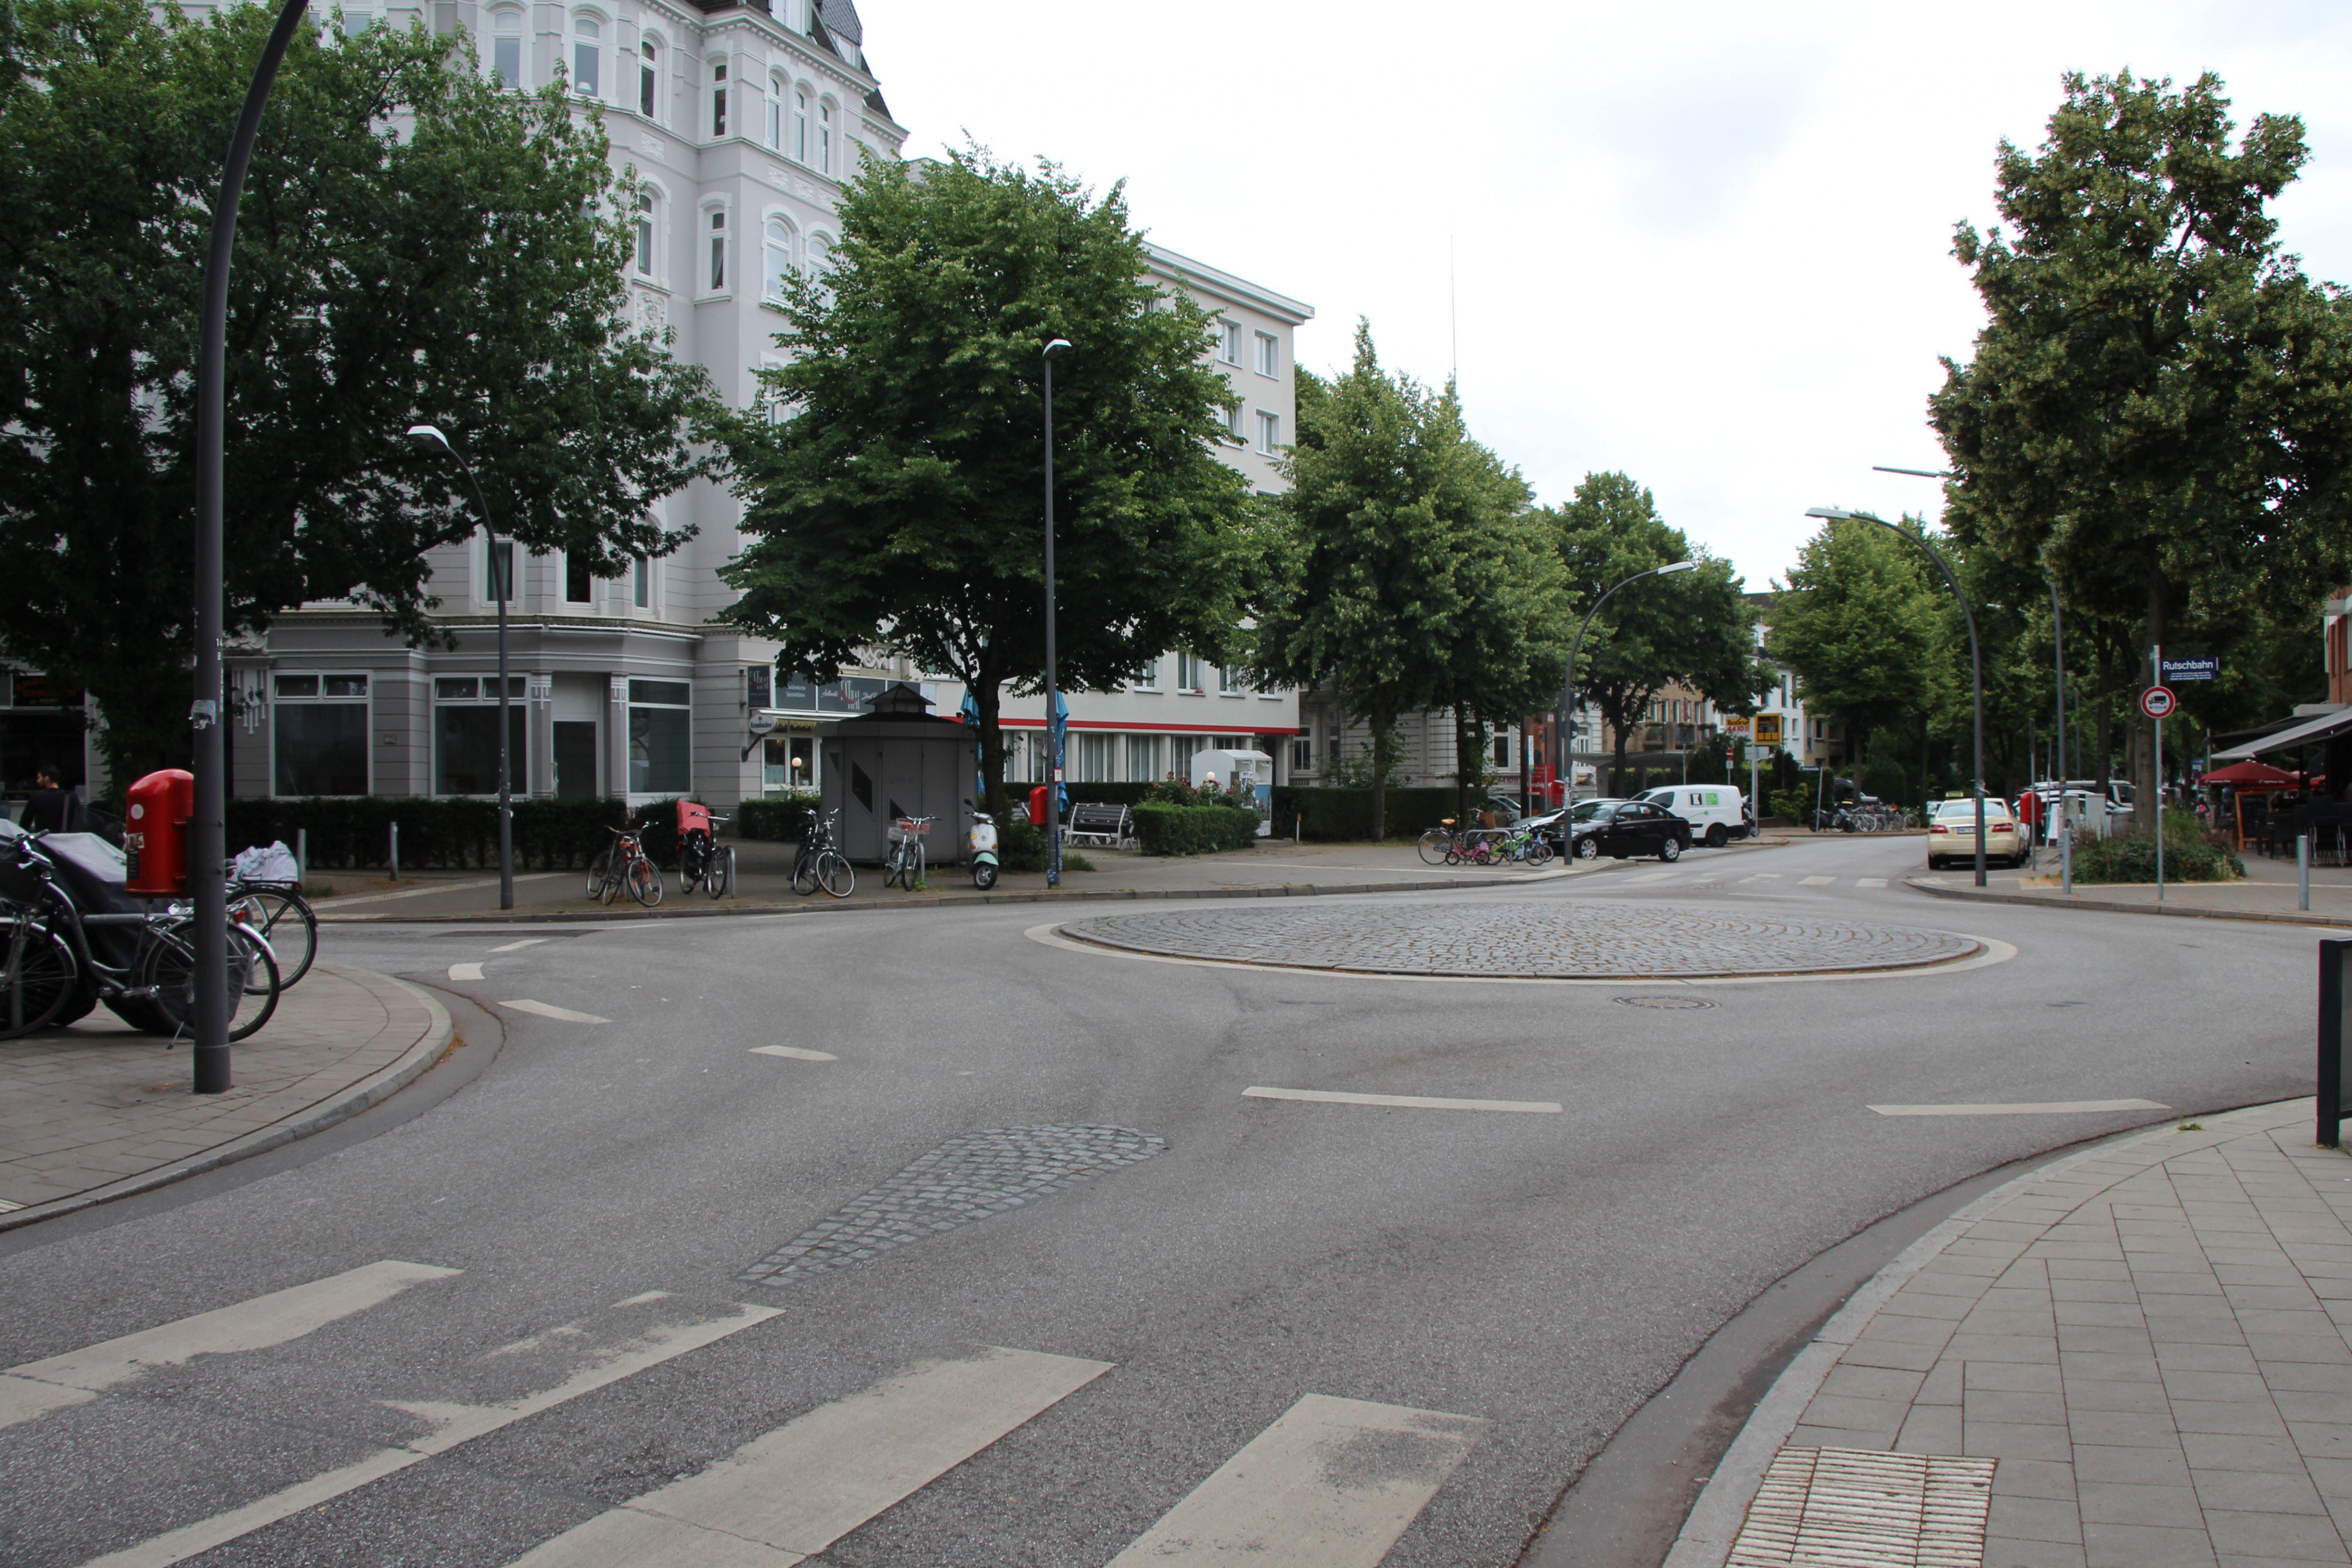 Auch der Kreisverkehr in der Straße Grindelhof soll umbenannt werden. Ab dem 16. Oktober heißt er Arie-Goral-Platz. Foto: